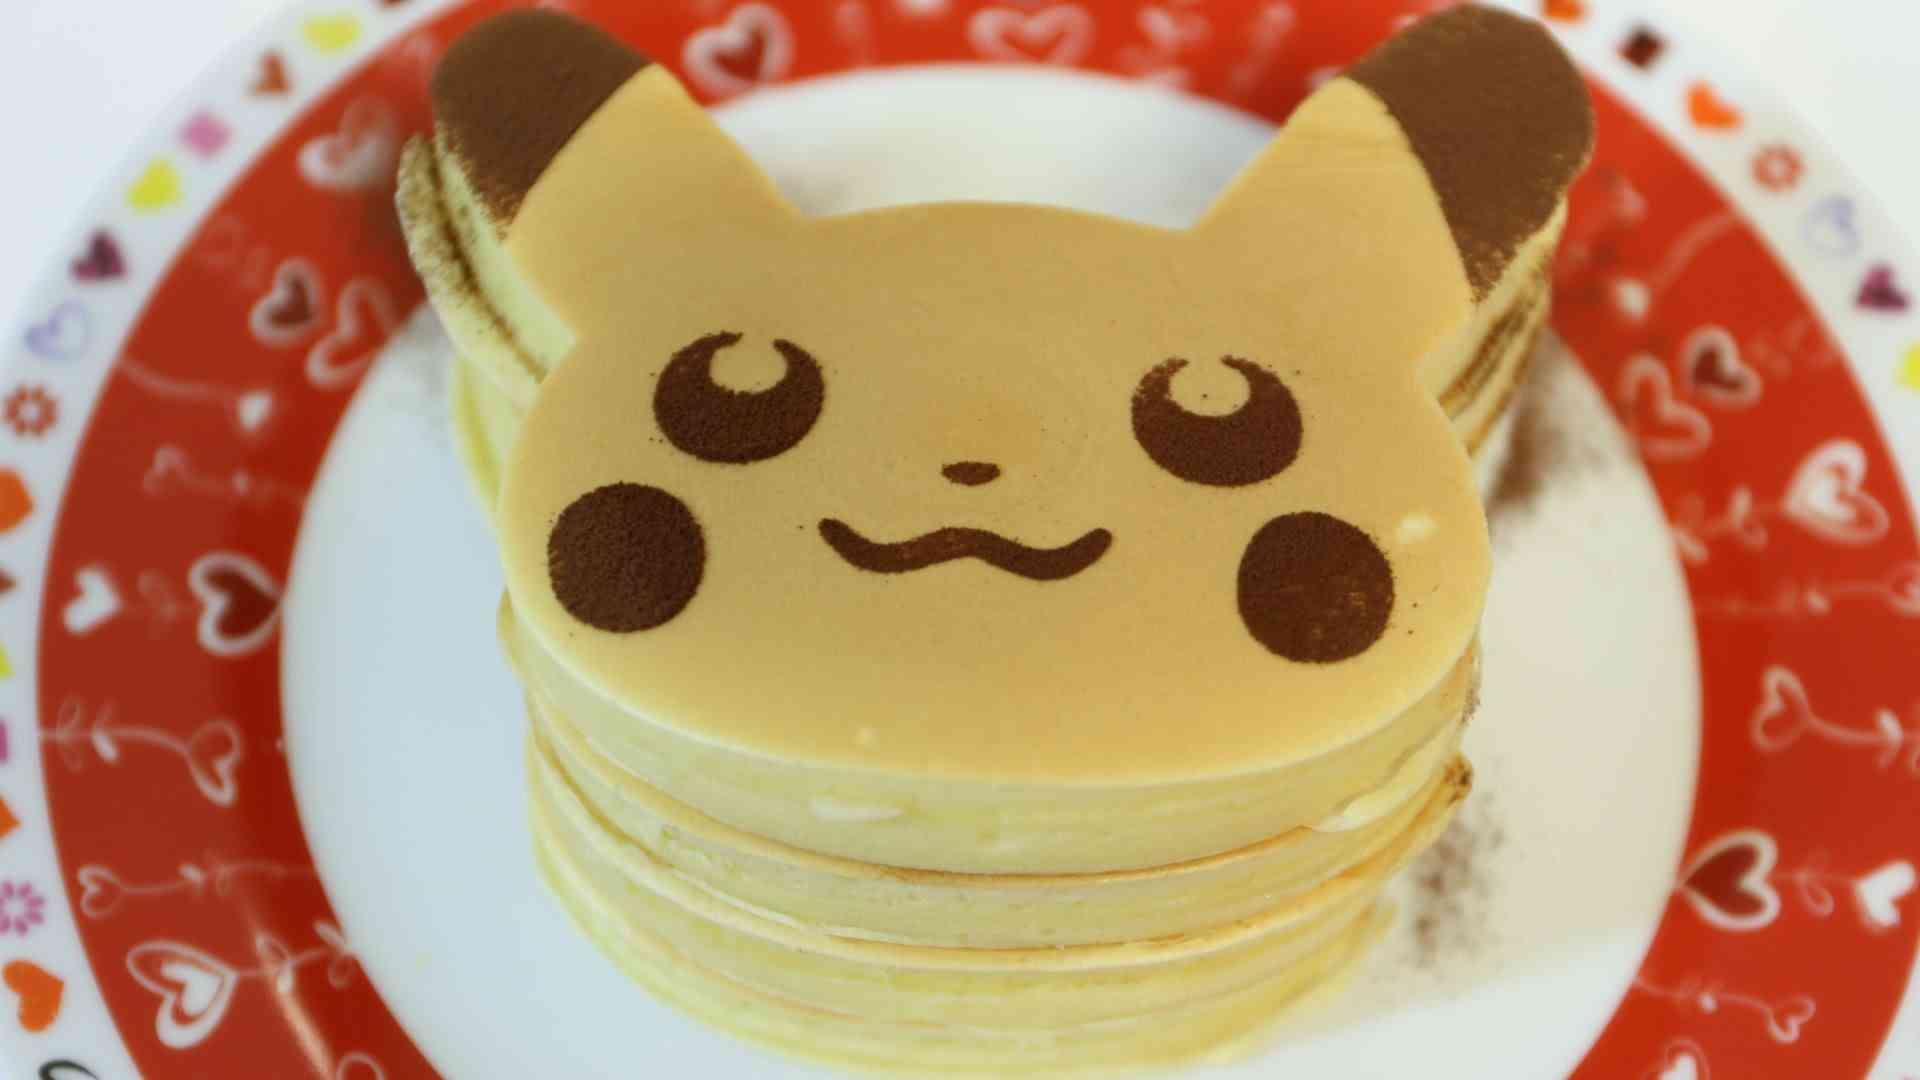 【画像】ホットケーキ・パンケーキが好きな人!